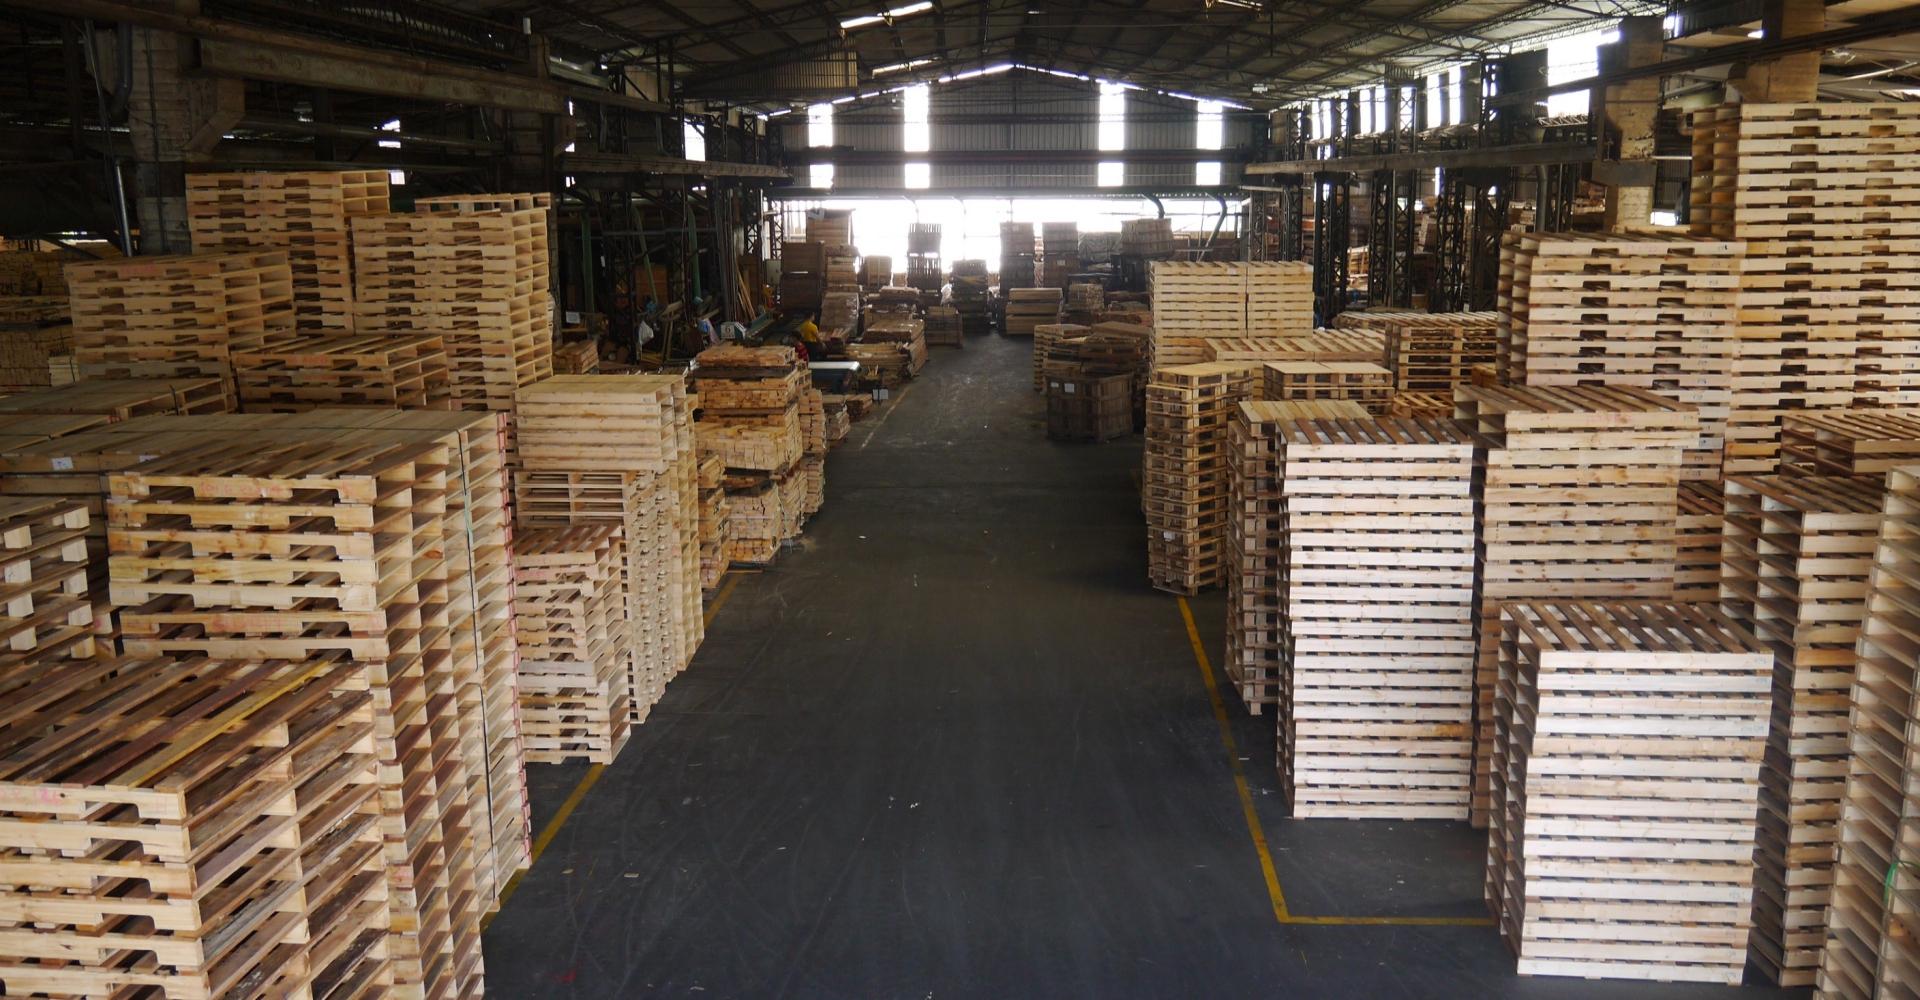 立隆木業 木棧板 木頭棧板 二手棧板 木箱 木材加工 客製化棧板